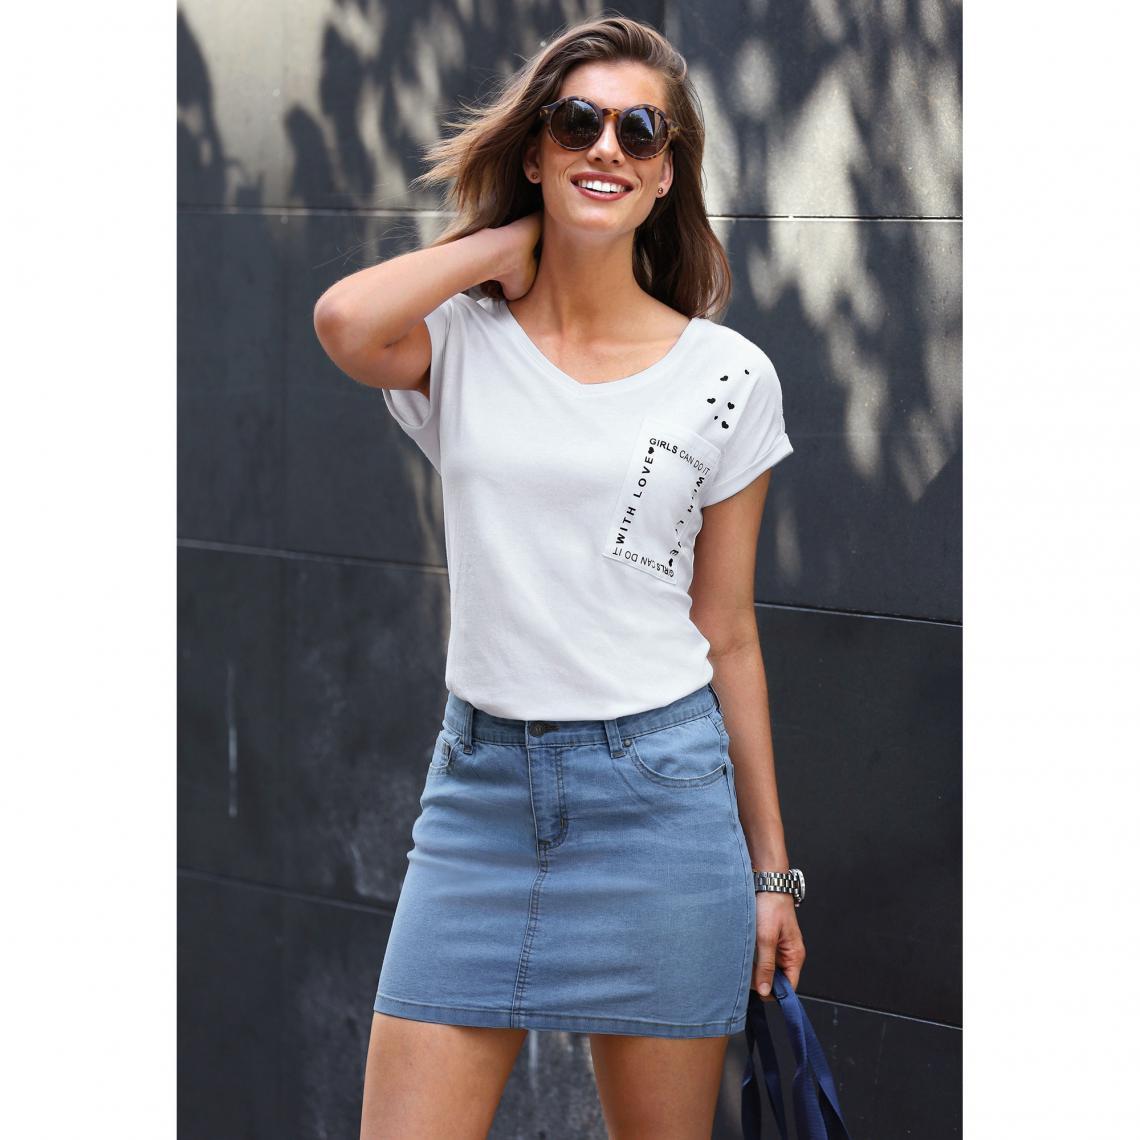 Jupe courte en jean coupe 5 poches femme Bleu 1 Avis Plus de détails